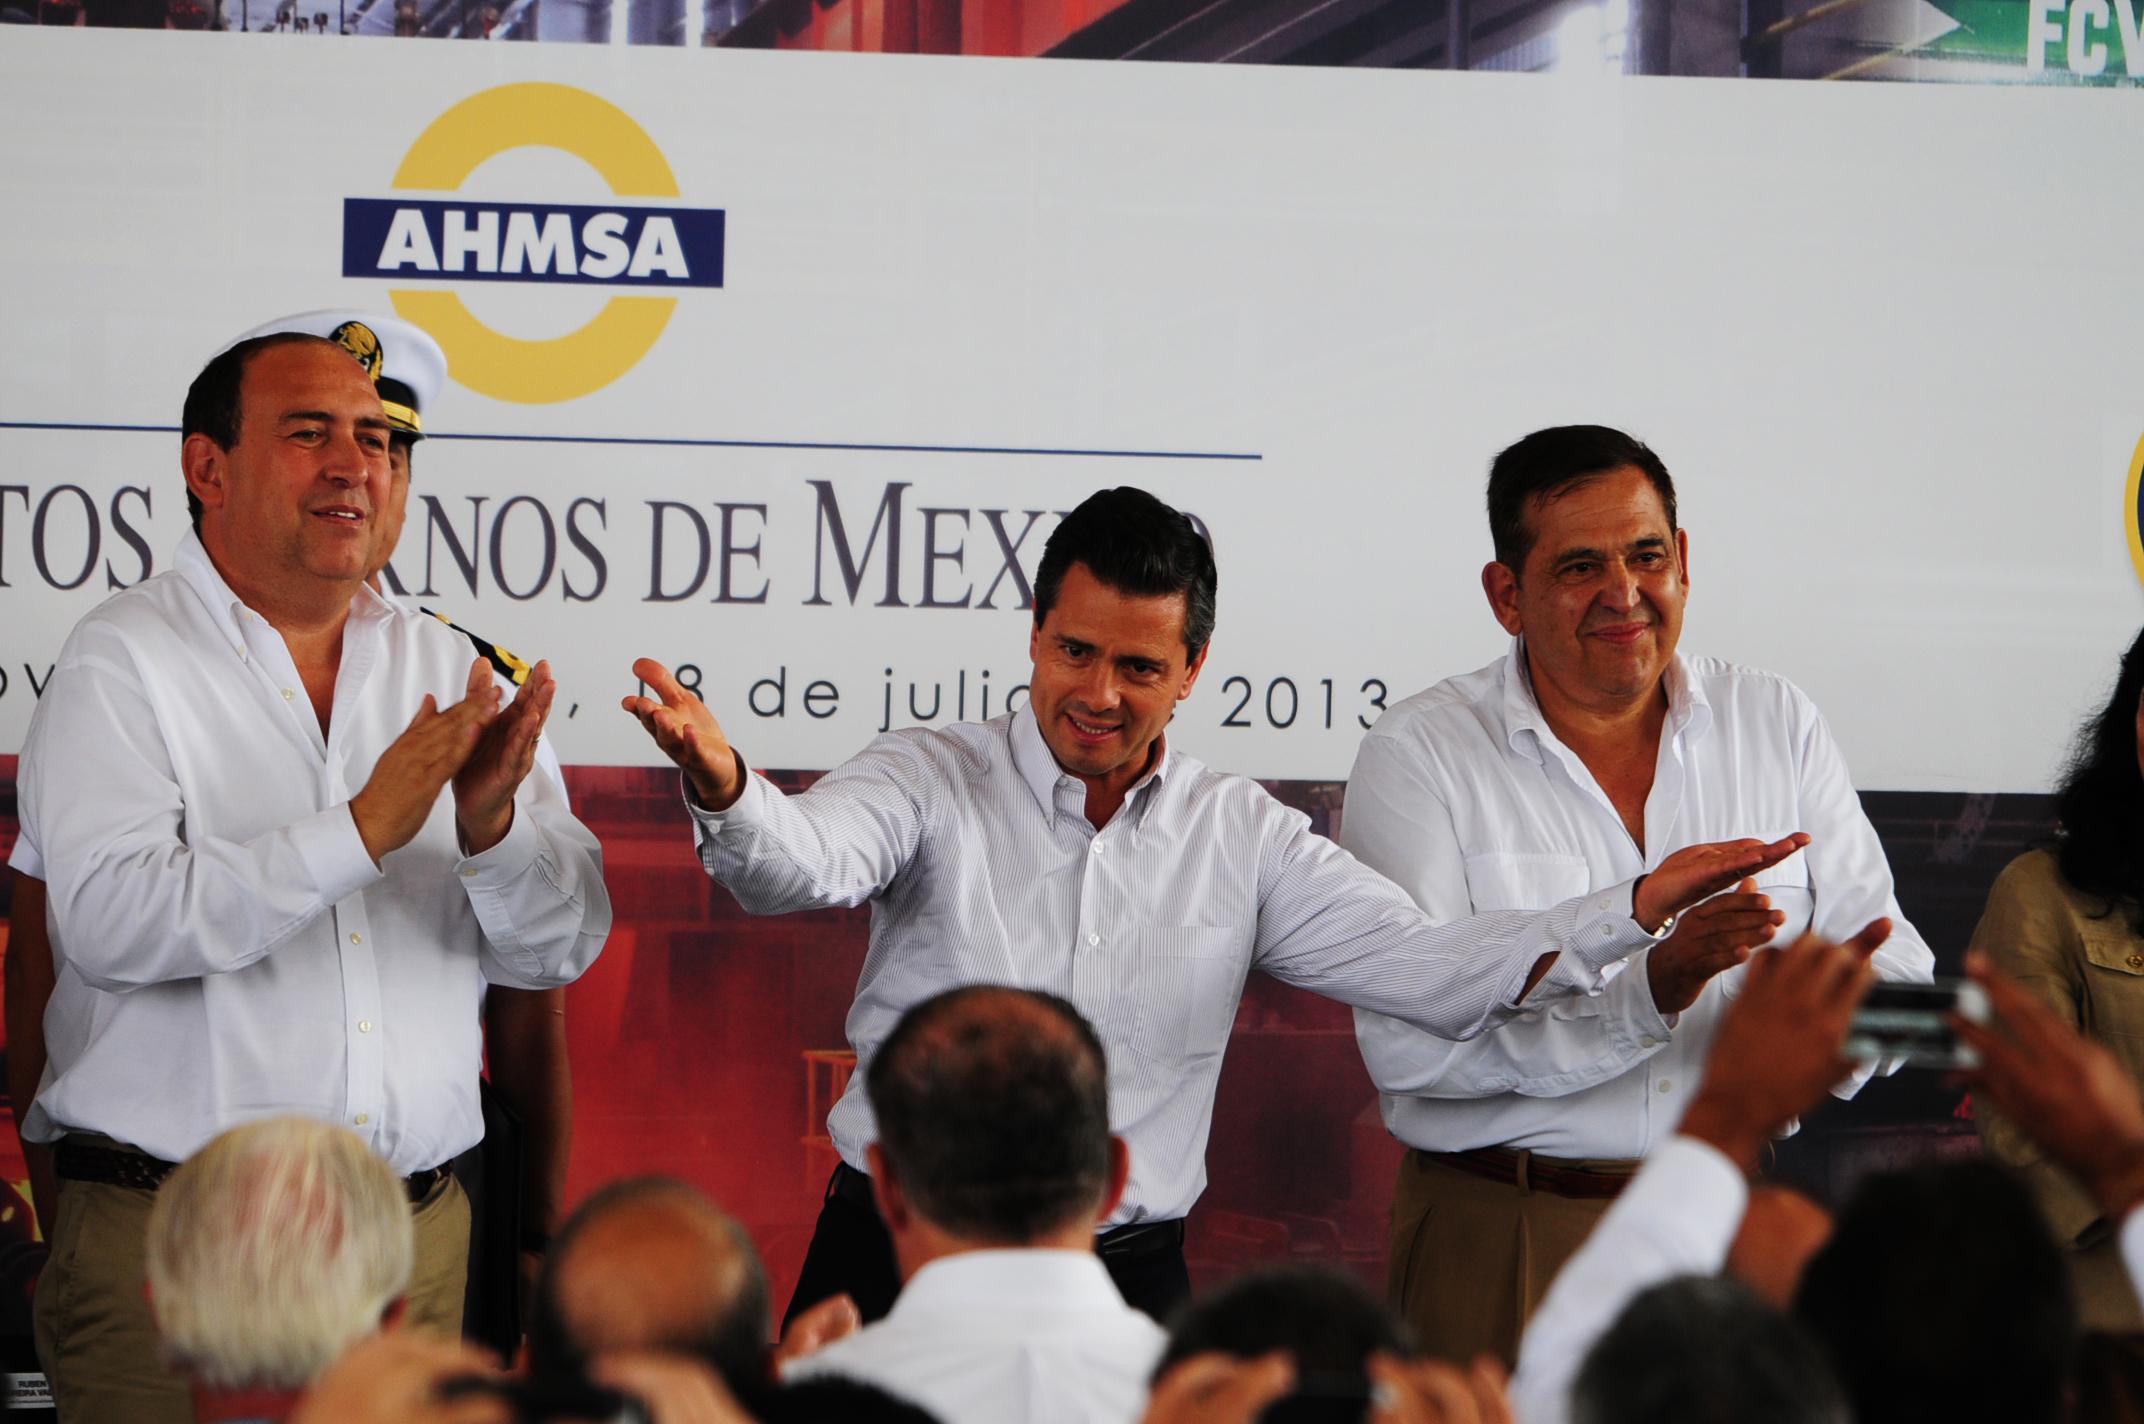 Ruben-Moreira-gobernador-de-Coahuila-el-presidente-Enrique-Pena-Nieto-y-Alonso-Ancira-presidente-de-Altos-Hornos-Foto-Procesofoto